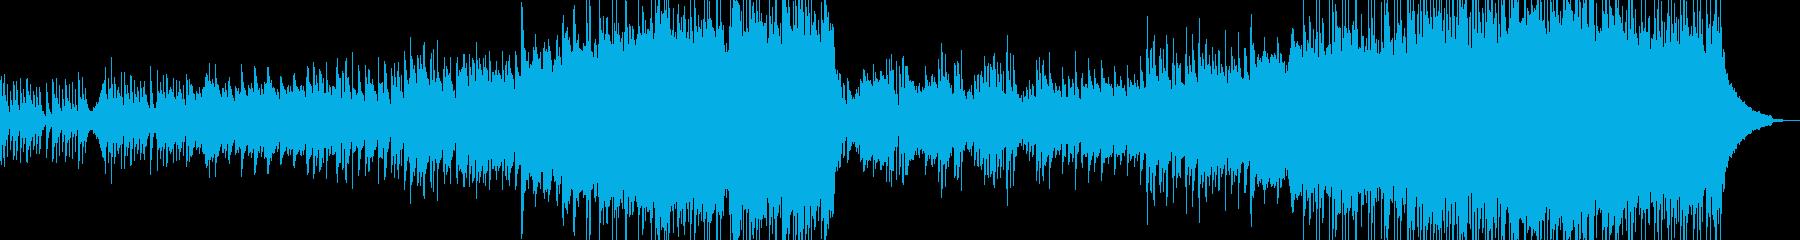 ピアノとアコギ・儚い演出・涙シーン A2の再生済みの波形